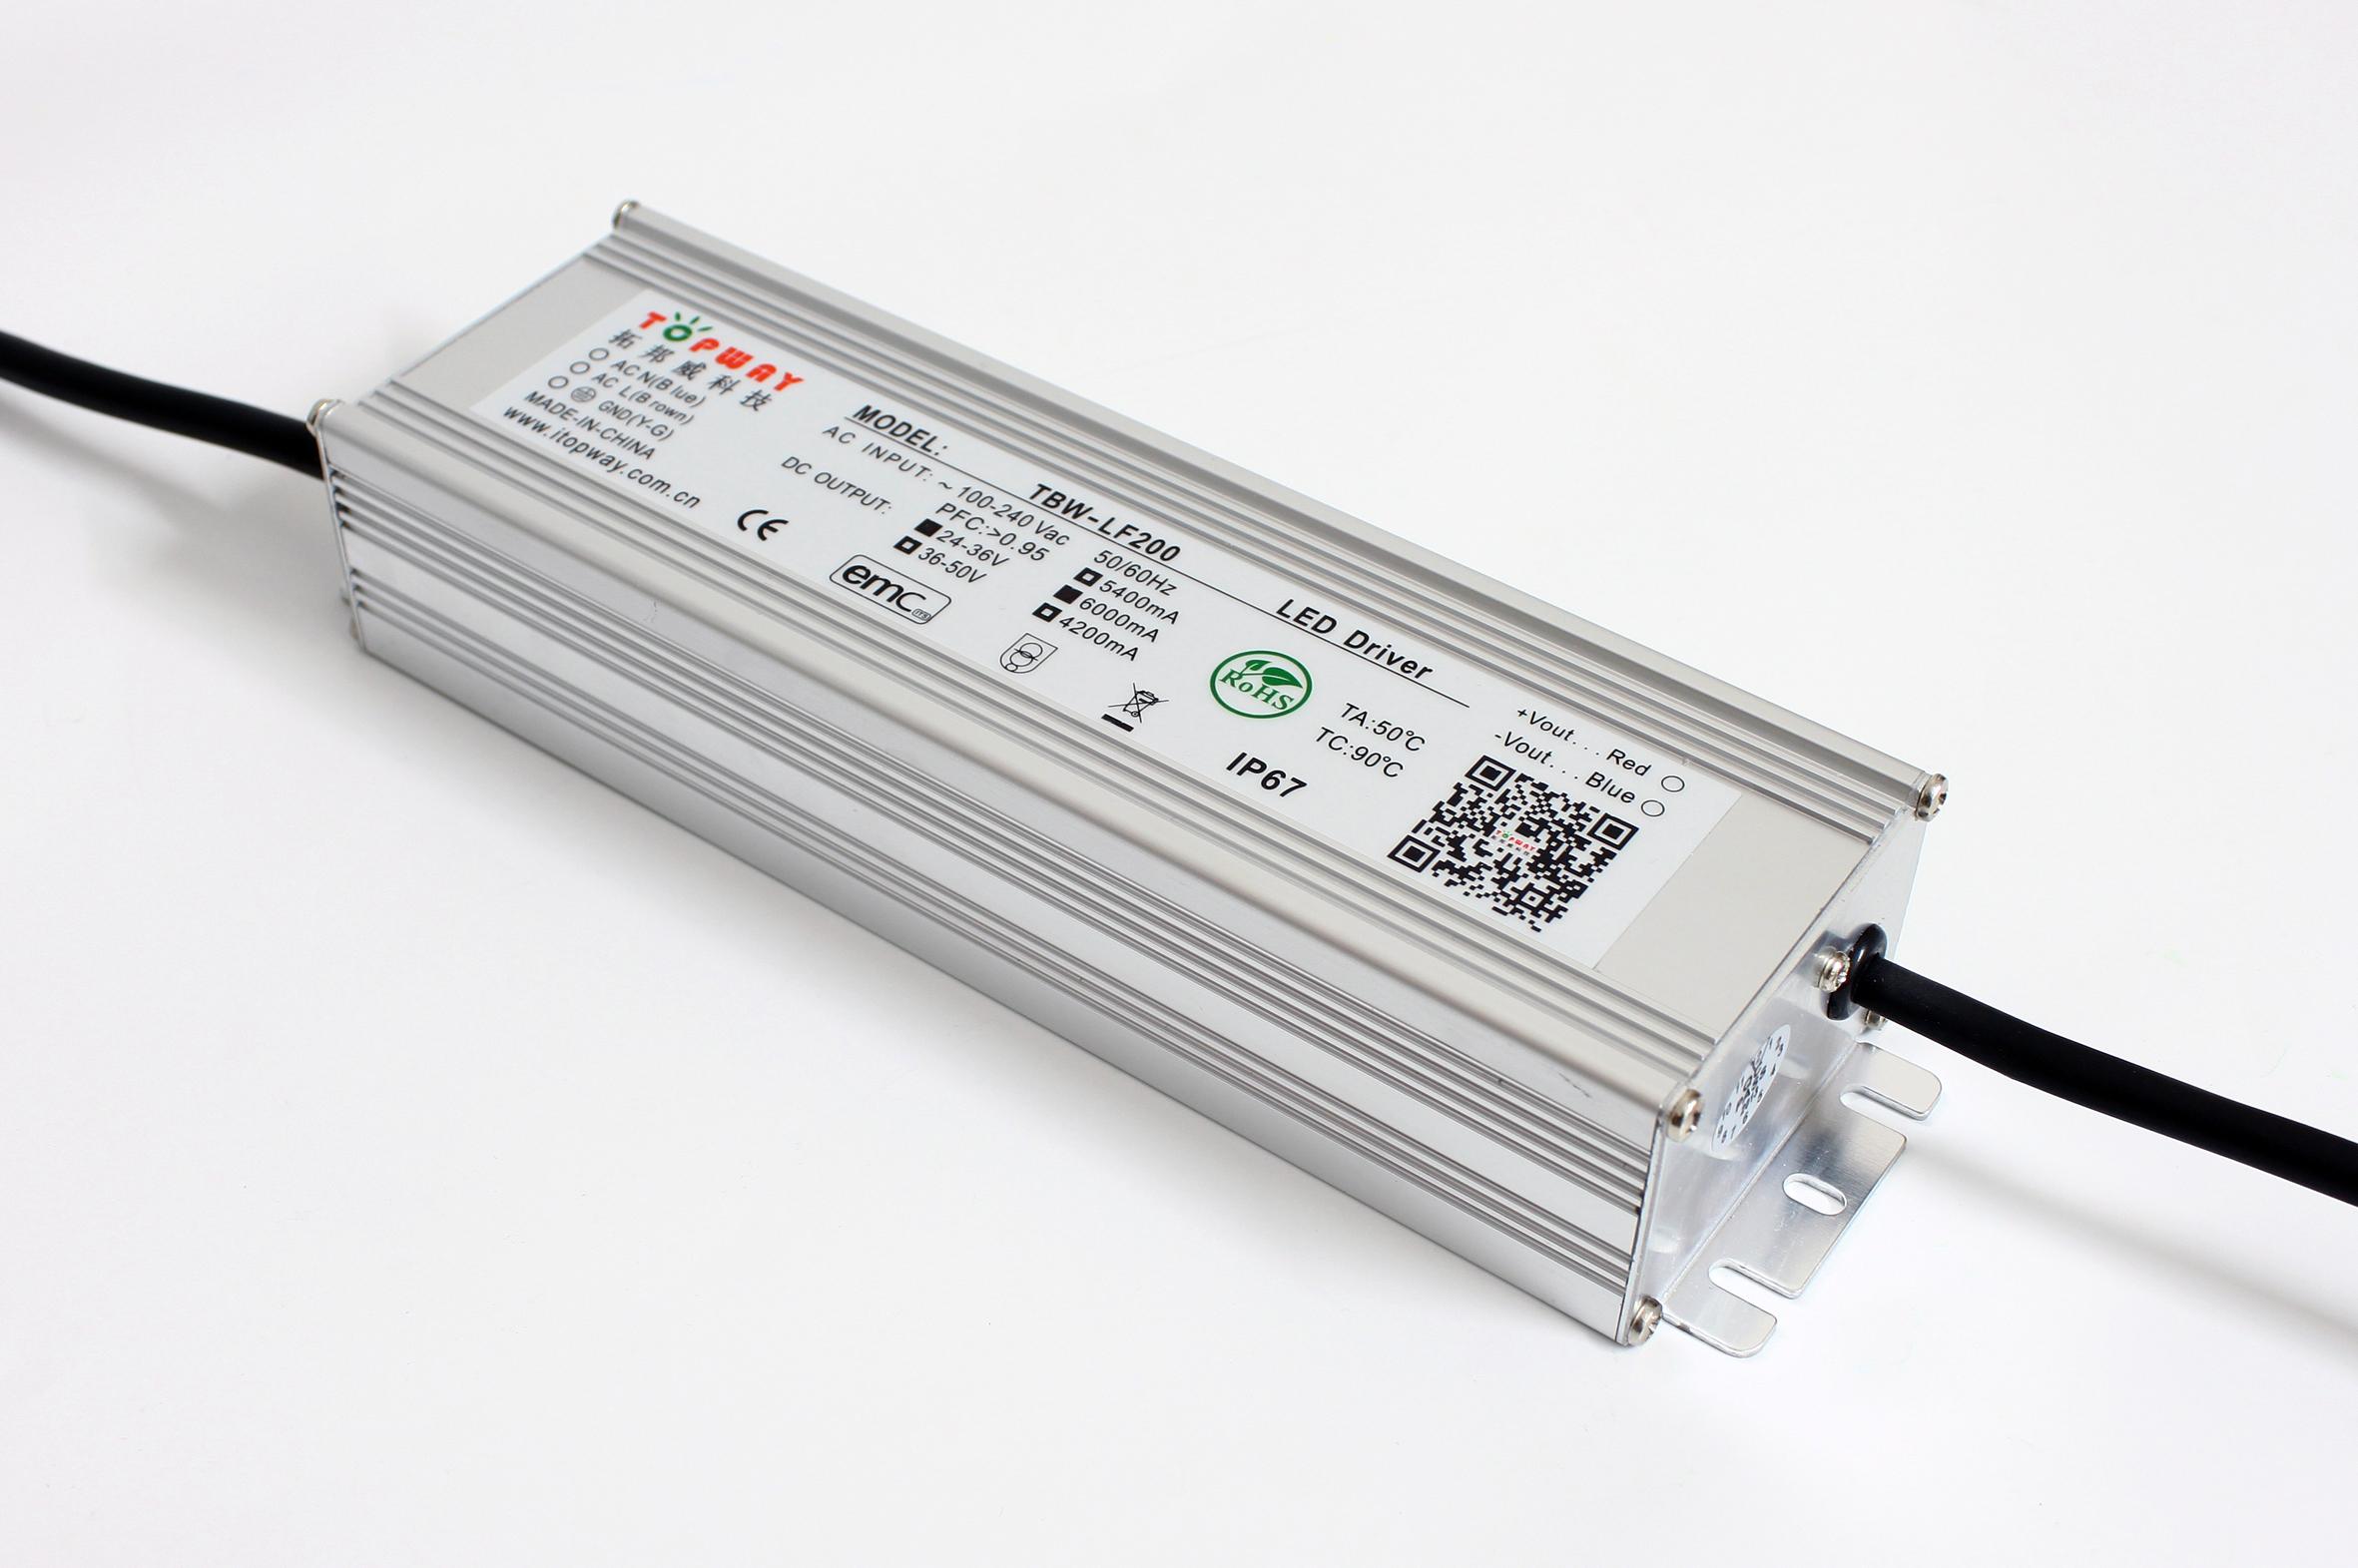 拓邦威免费拿样 200w路灯电源 ;三合一调光;定时降功率